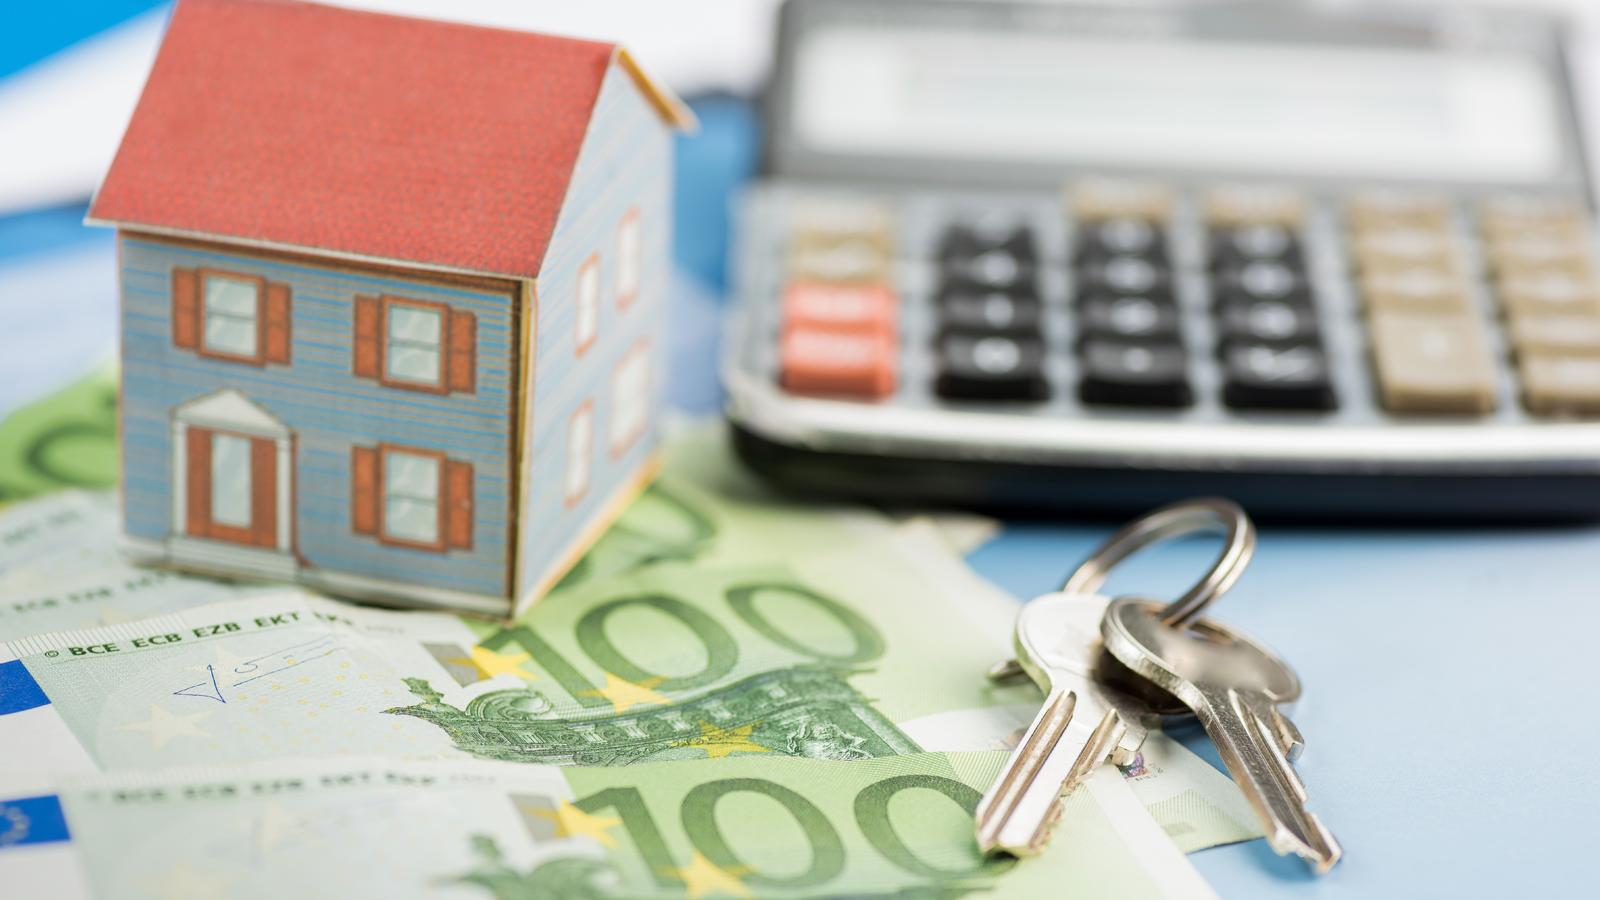 [Crédito à Habitação] Conheça todos os custos envolvidos (incluindo comissões, impostos, seguros)